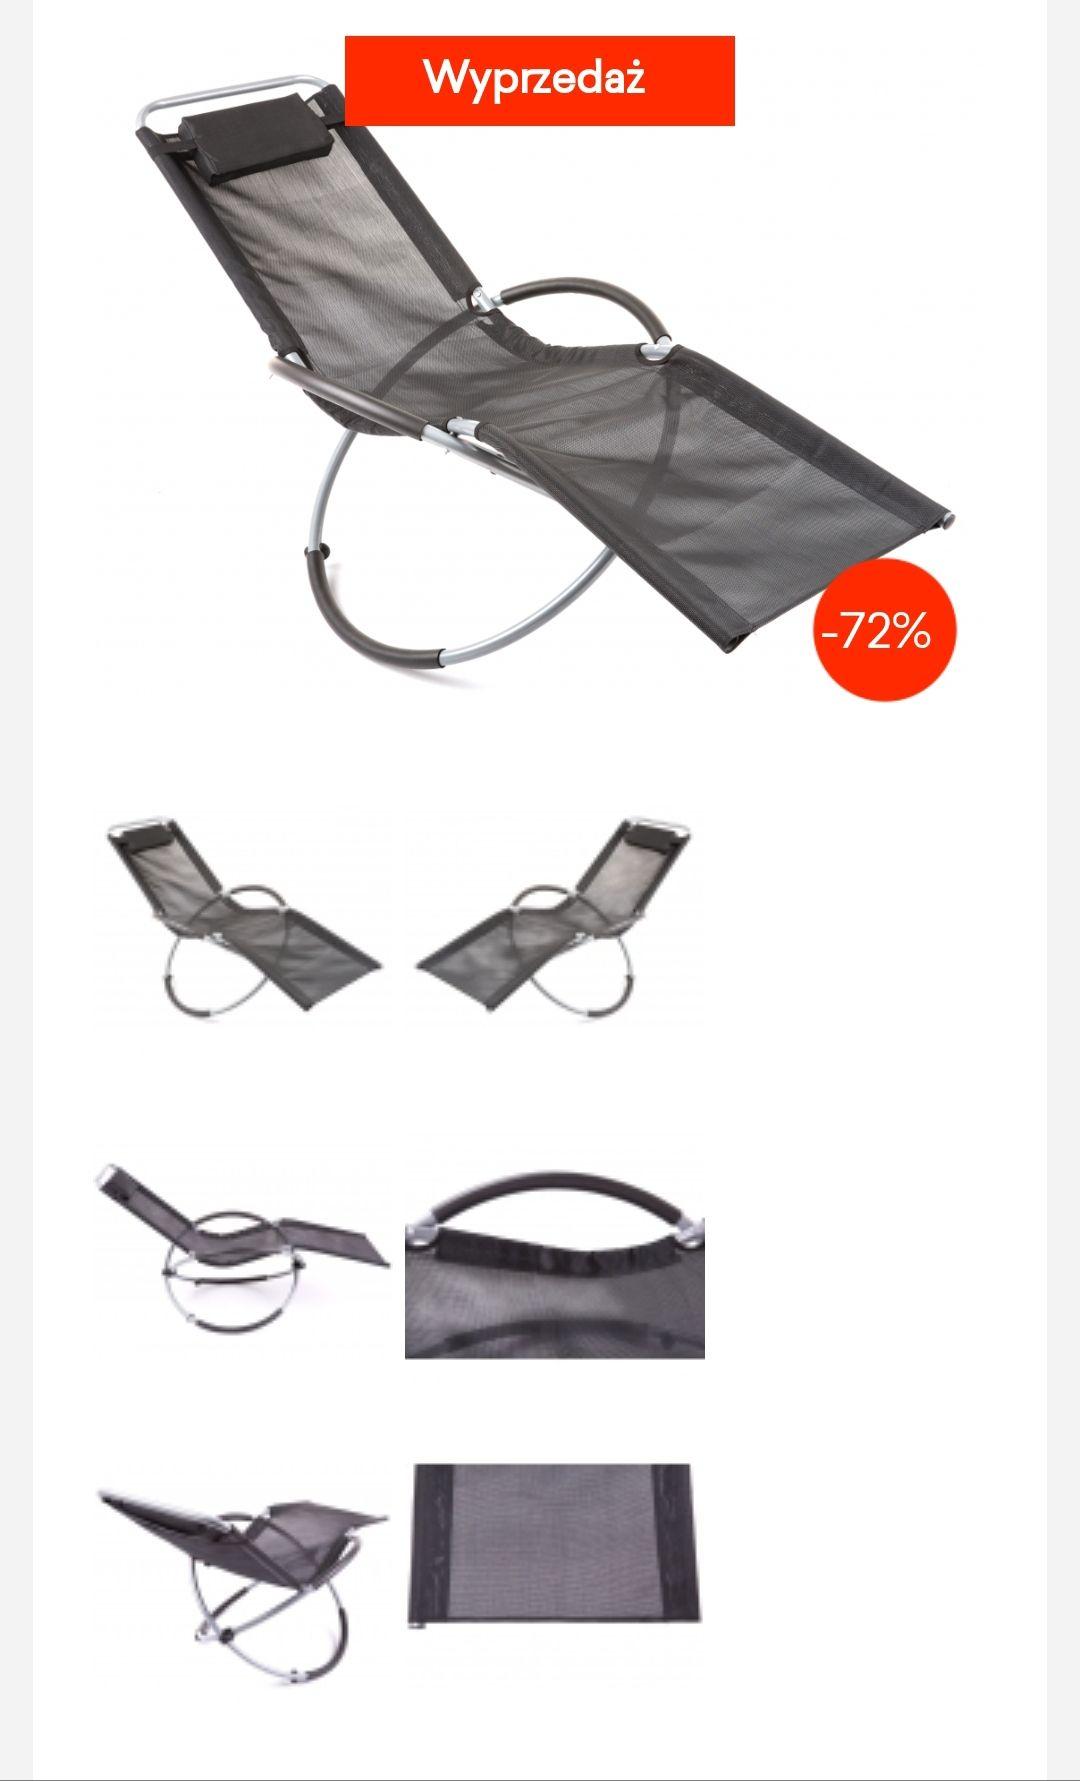 Leżak bujany -72%